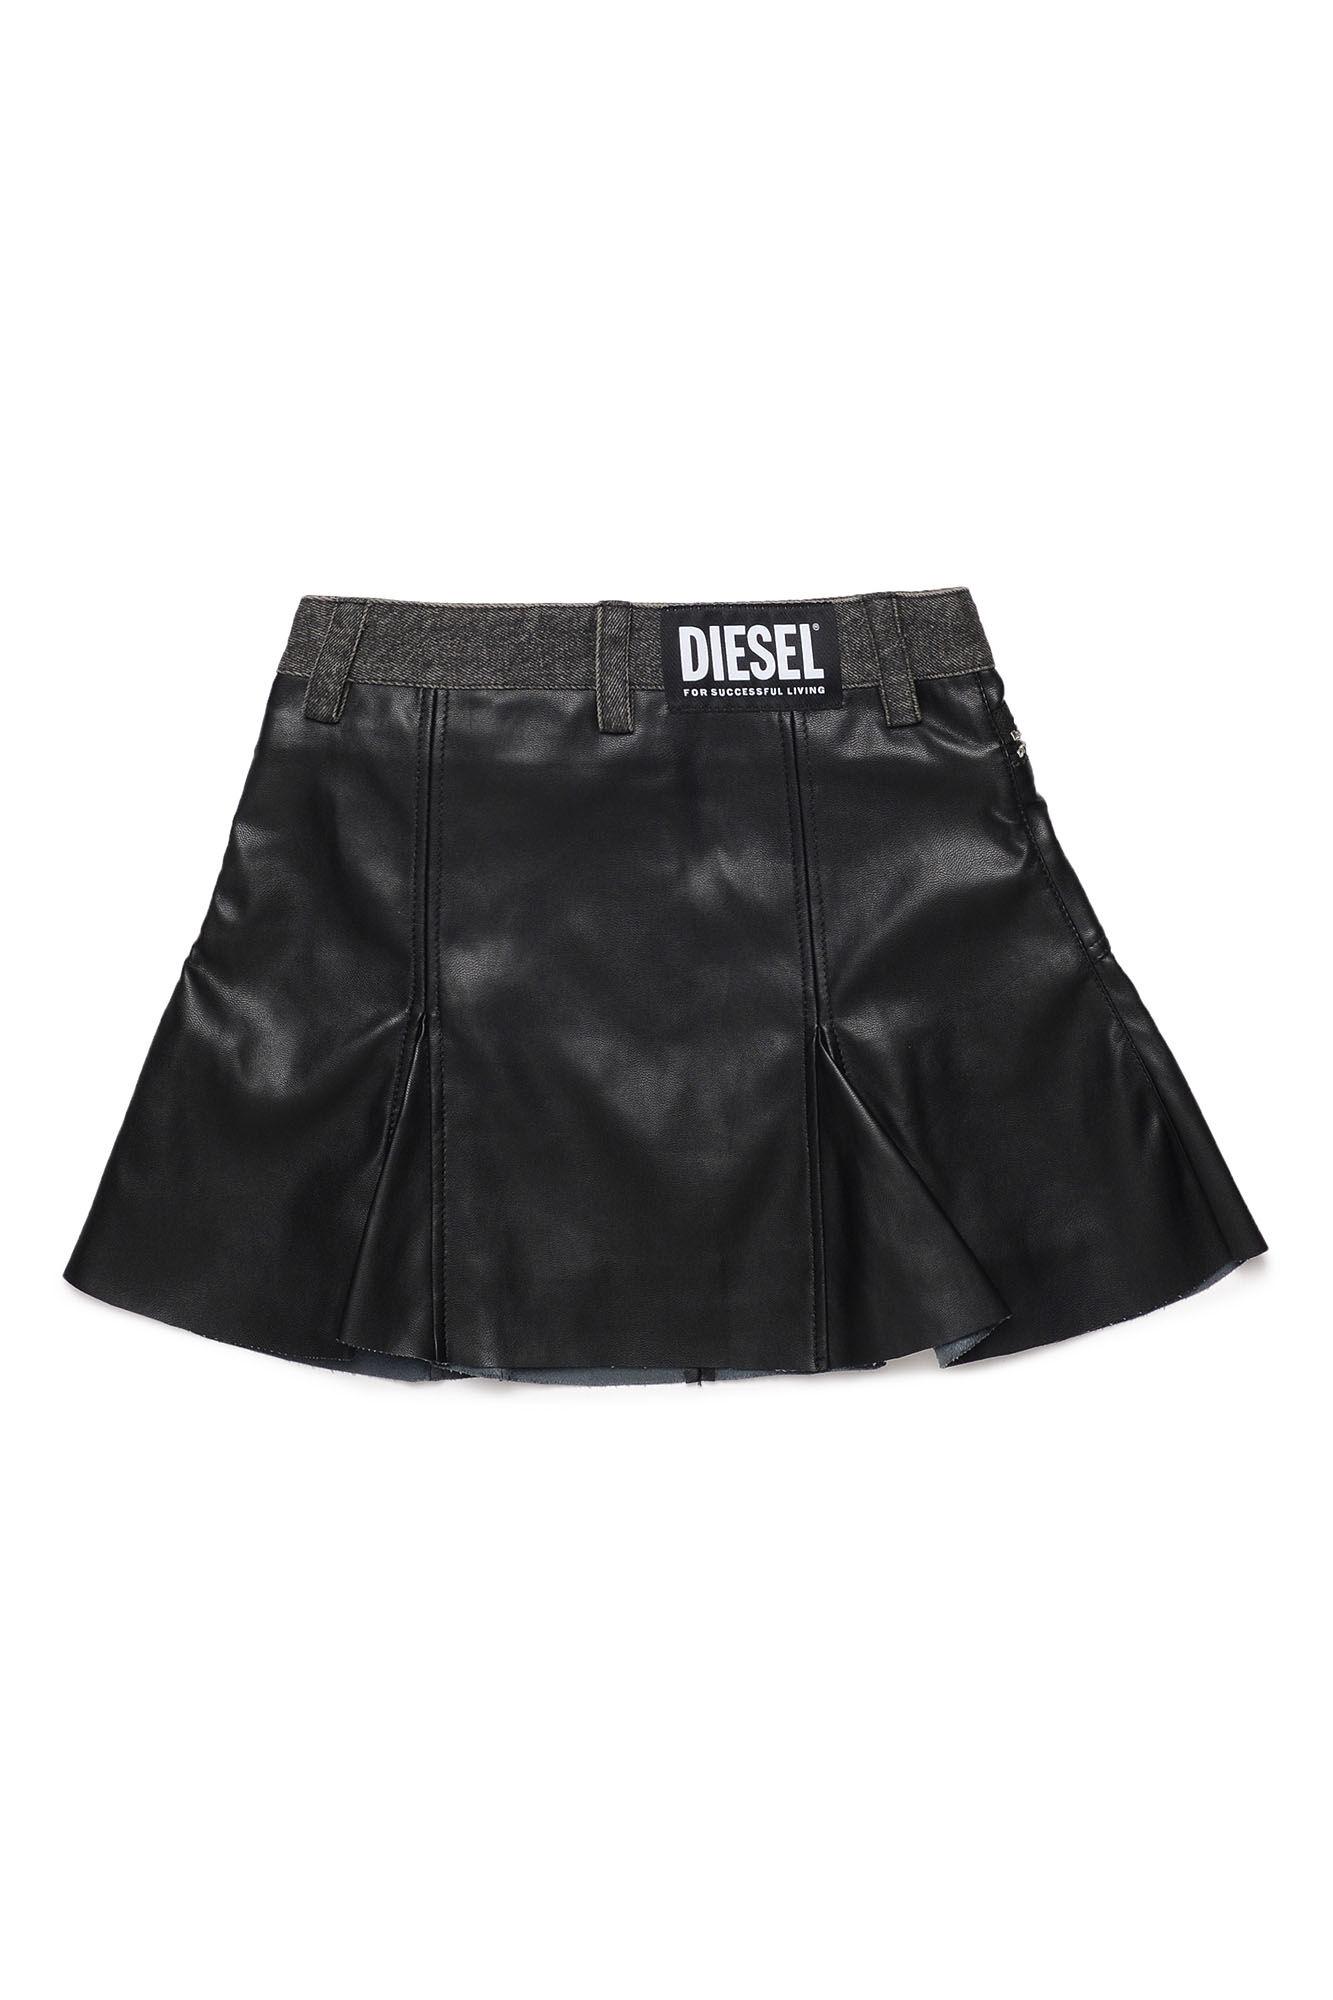 Gfujo Gonna - Diesel Kid